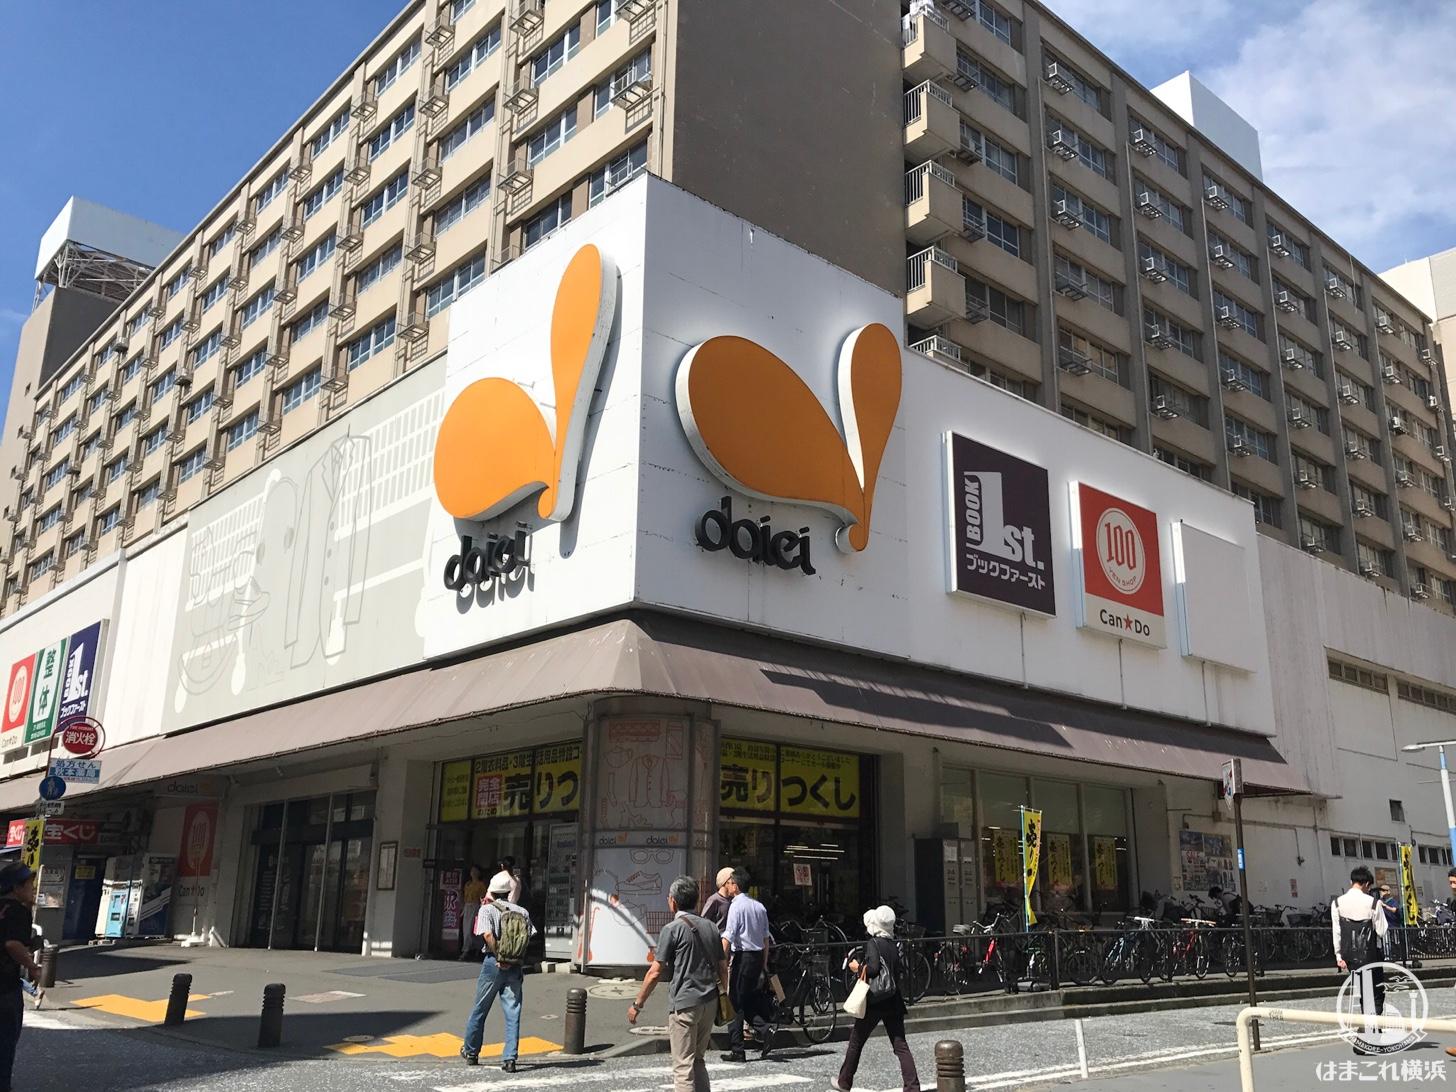 衝撃…横浜駅「ダイエー」が完全閉店へ!売りつくしセール実施